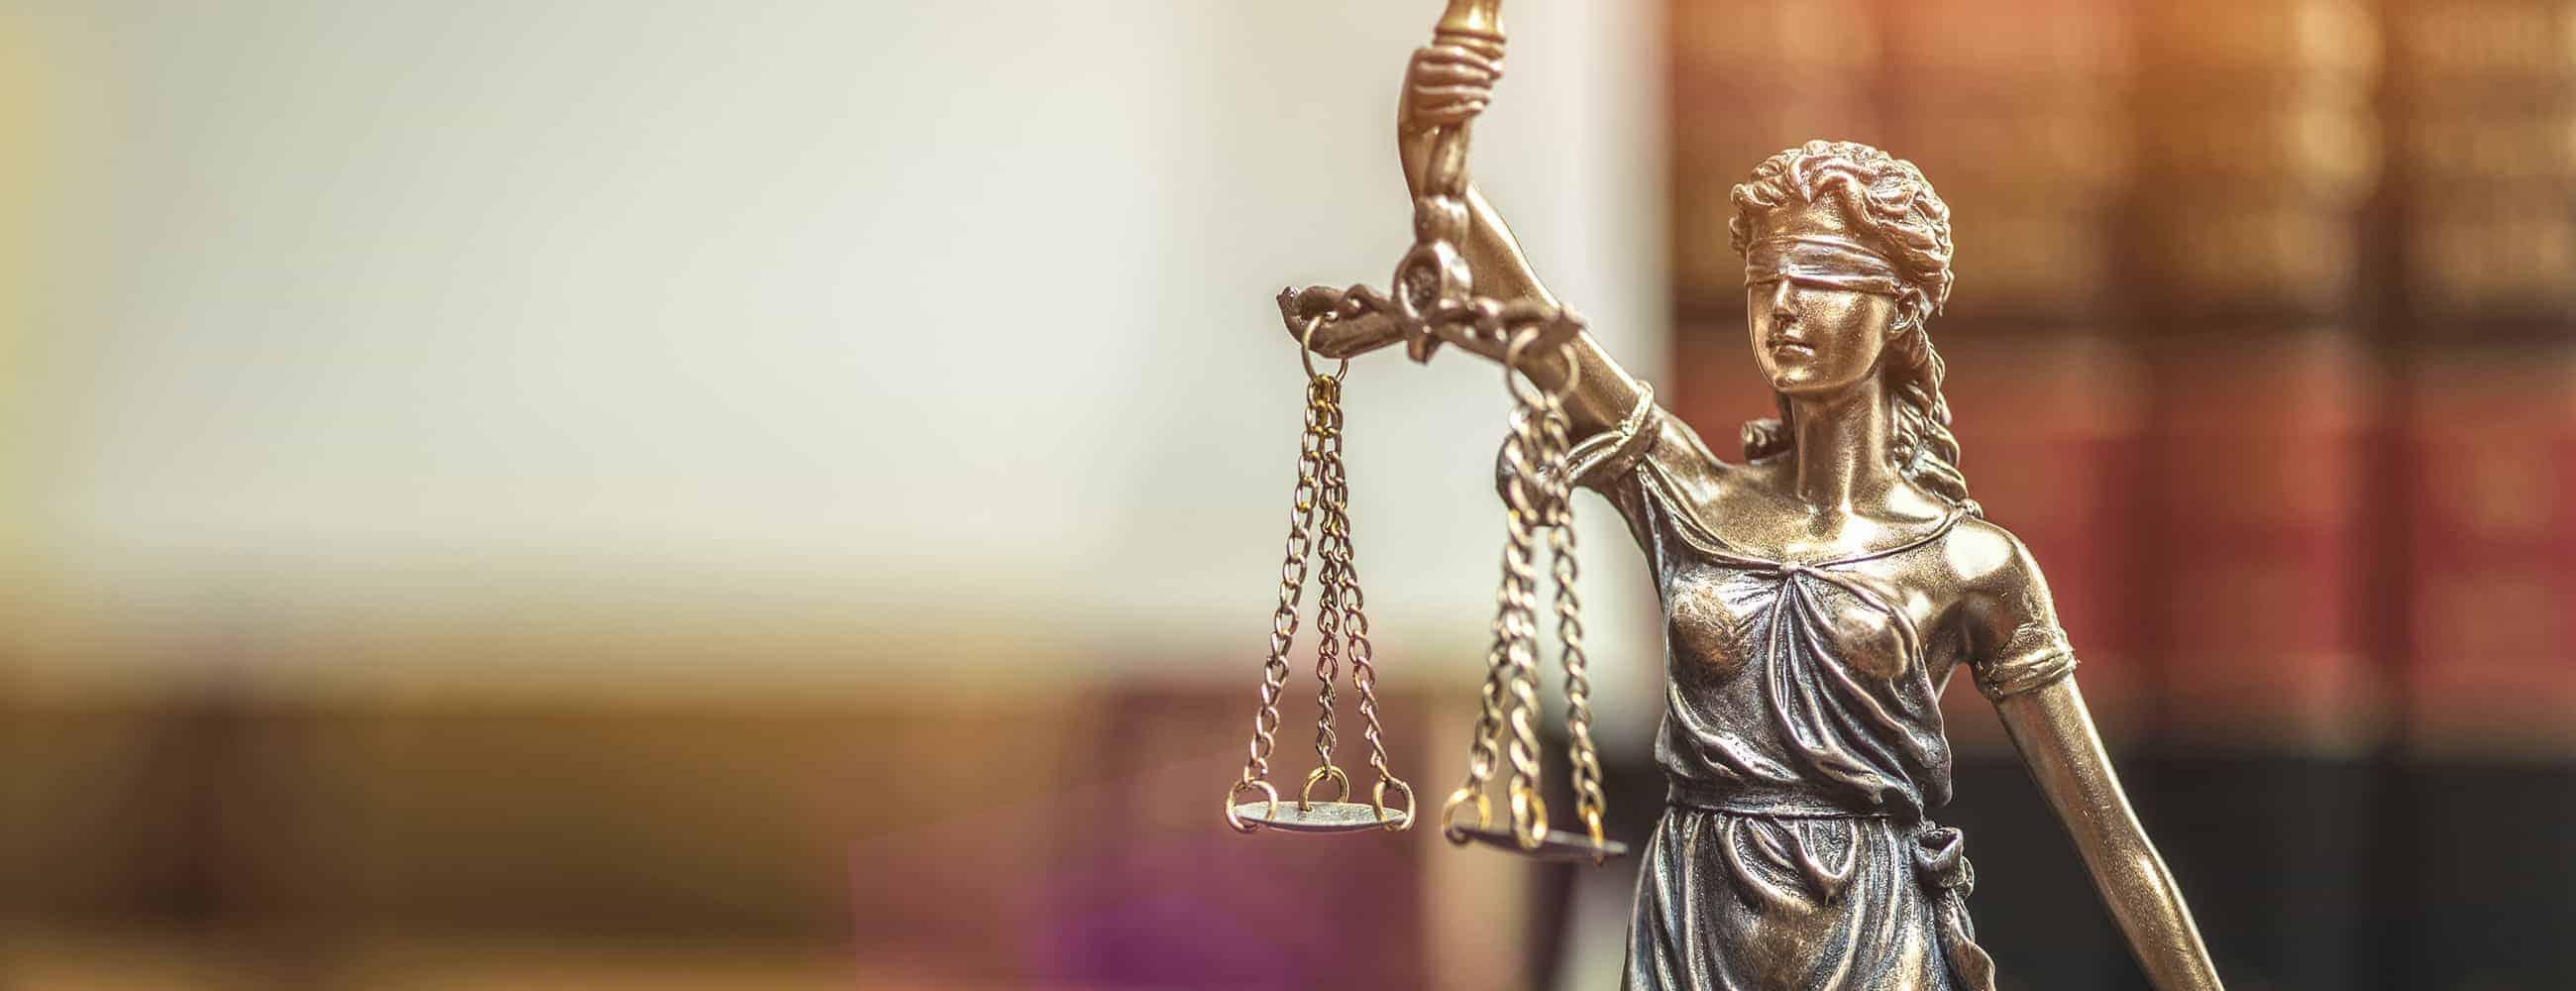 kiecker law justice